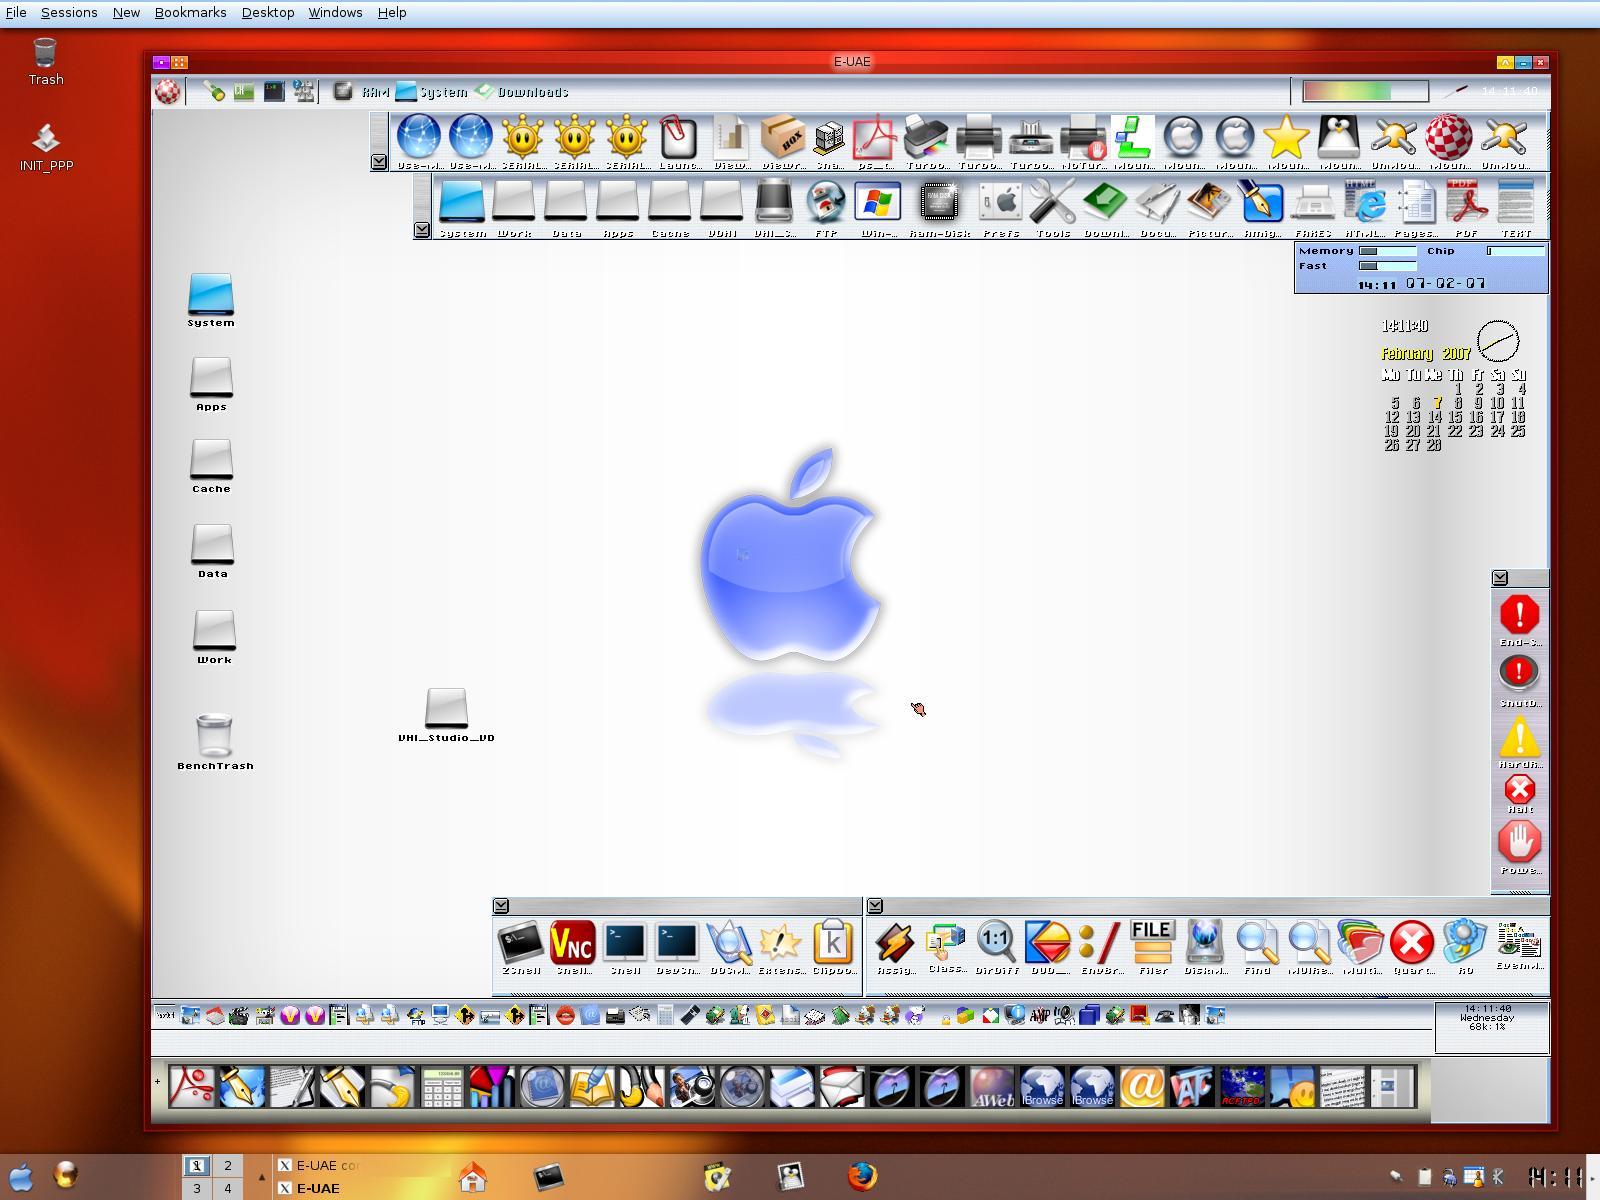 AmigaOS3.9 running under LINUX.